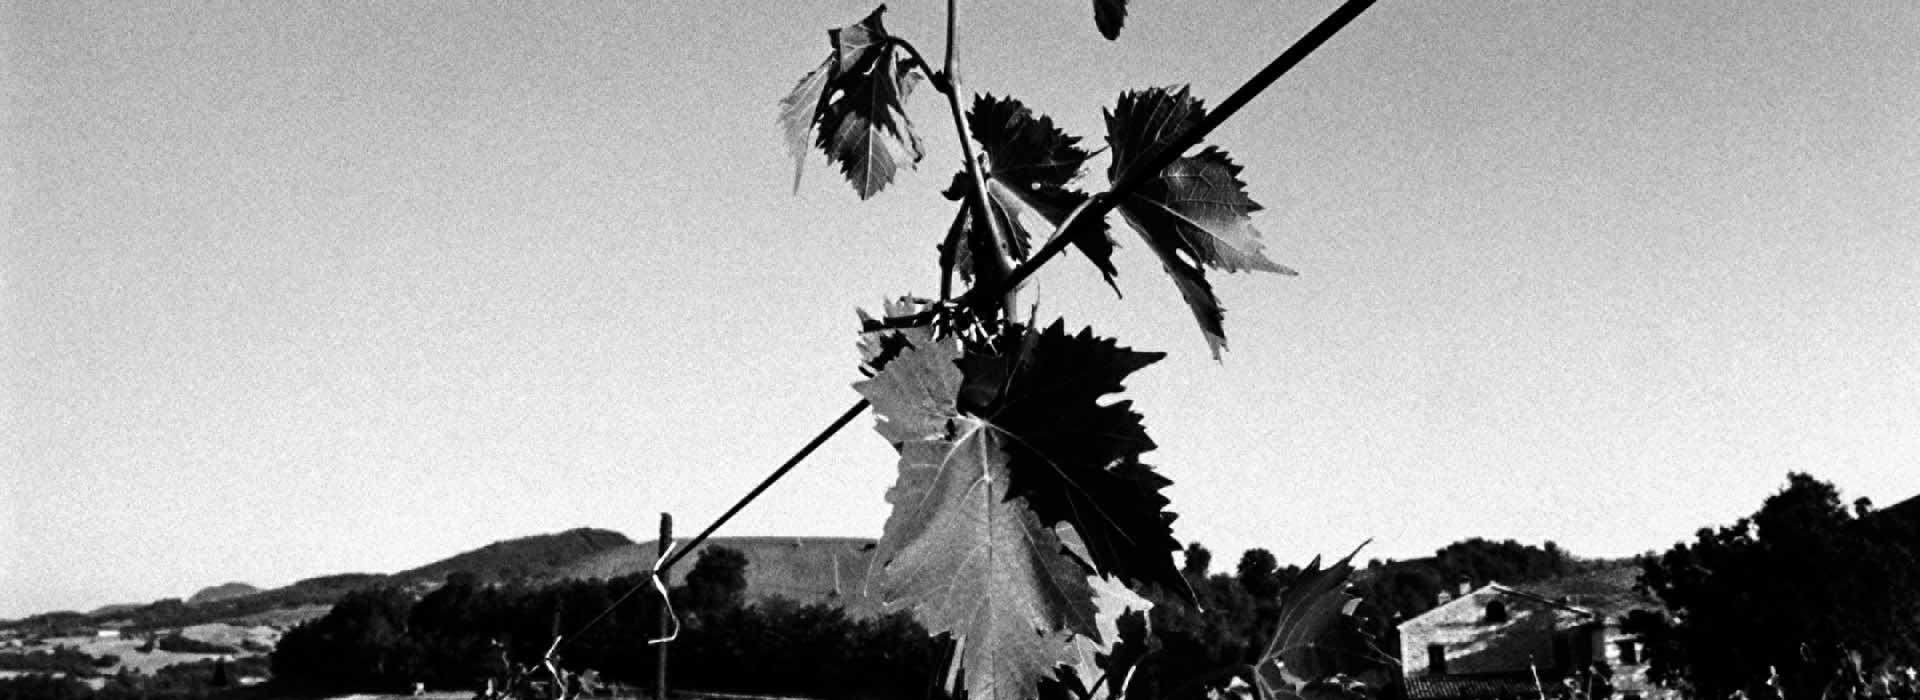 cultivar-valturio-vigneto